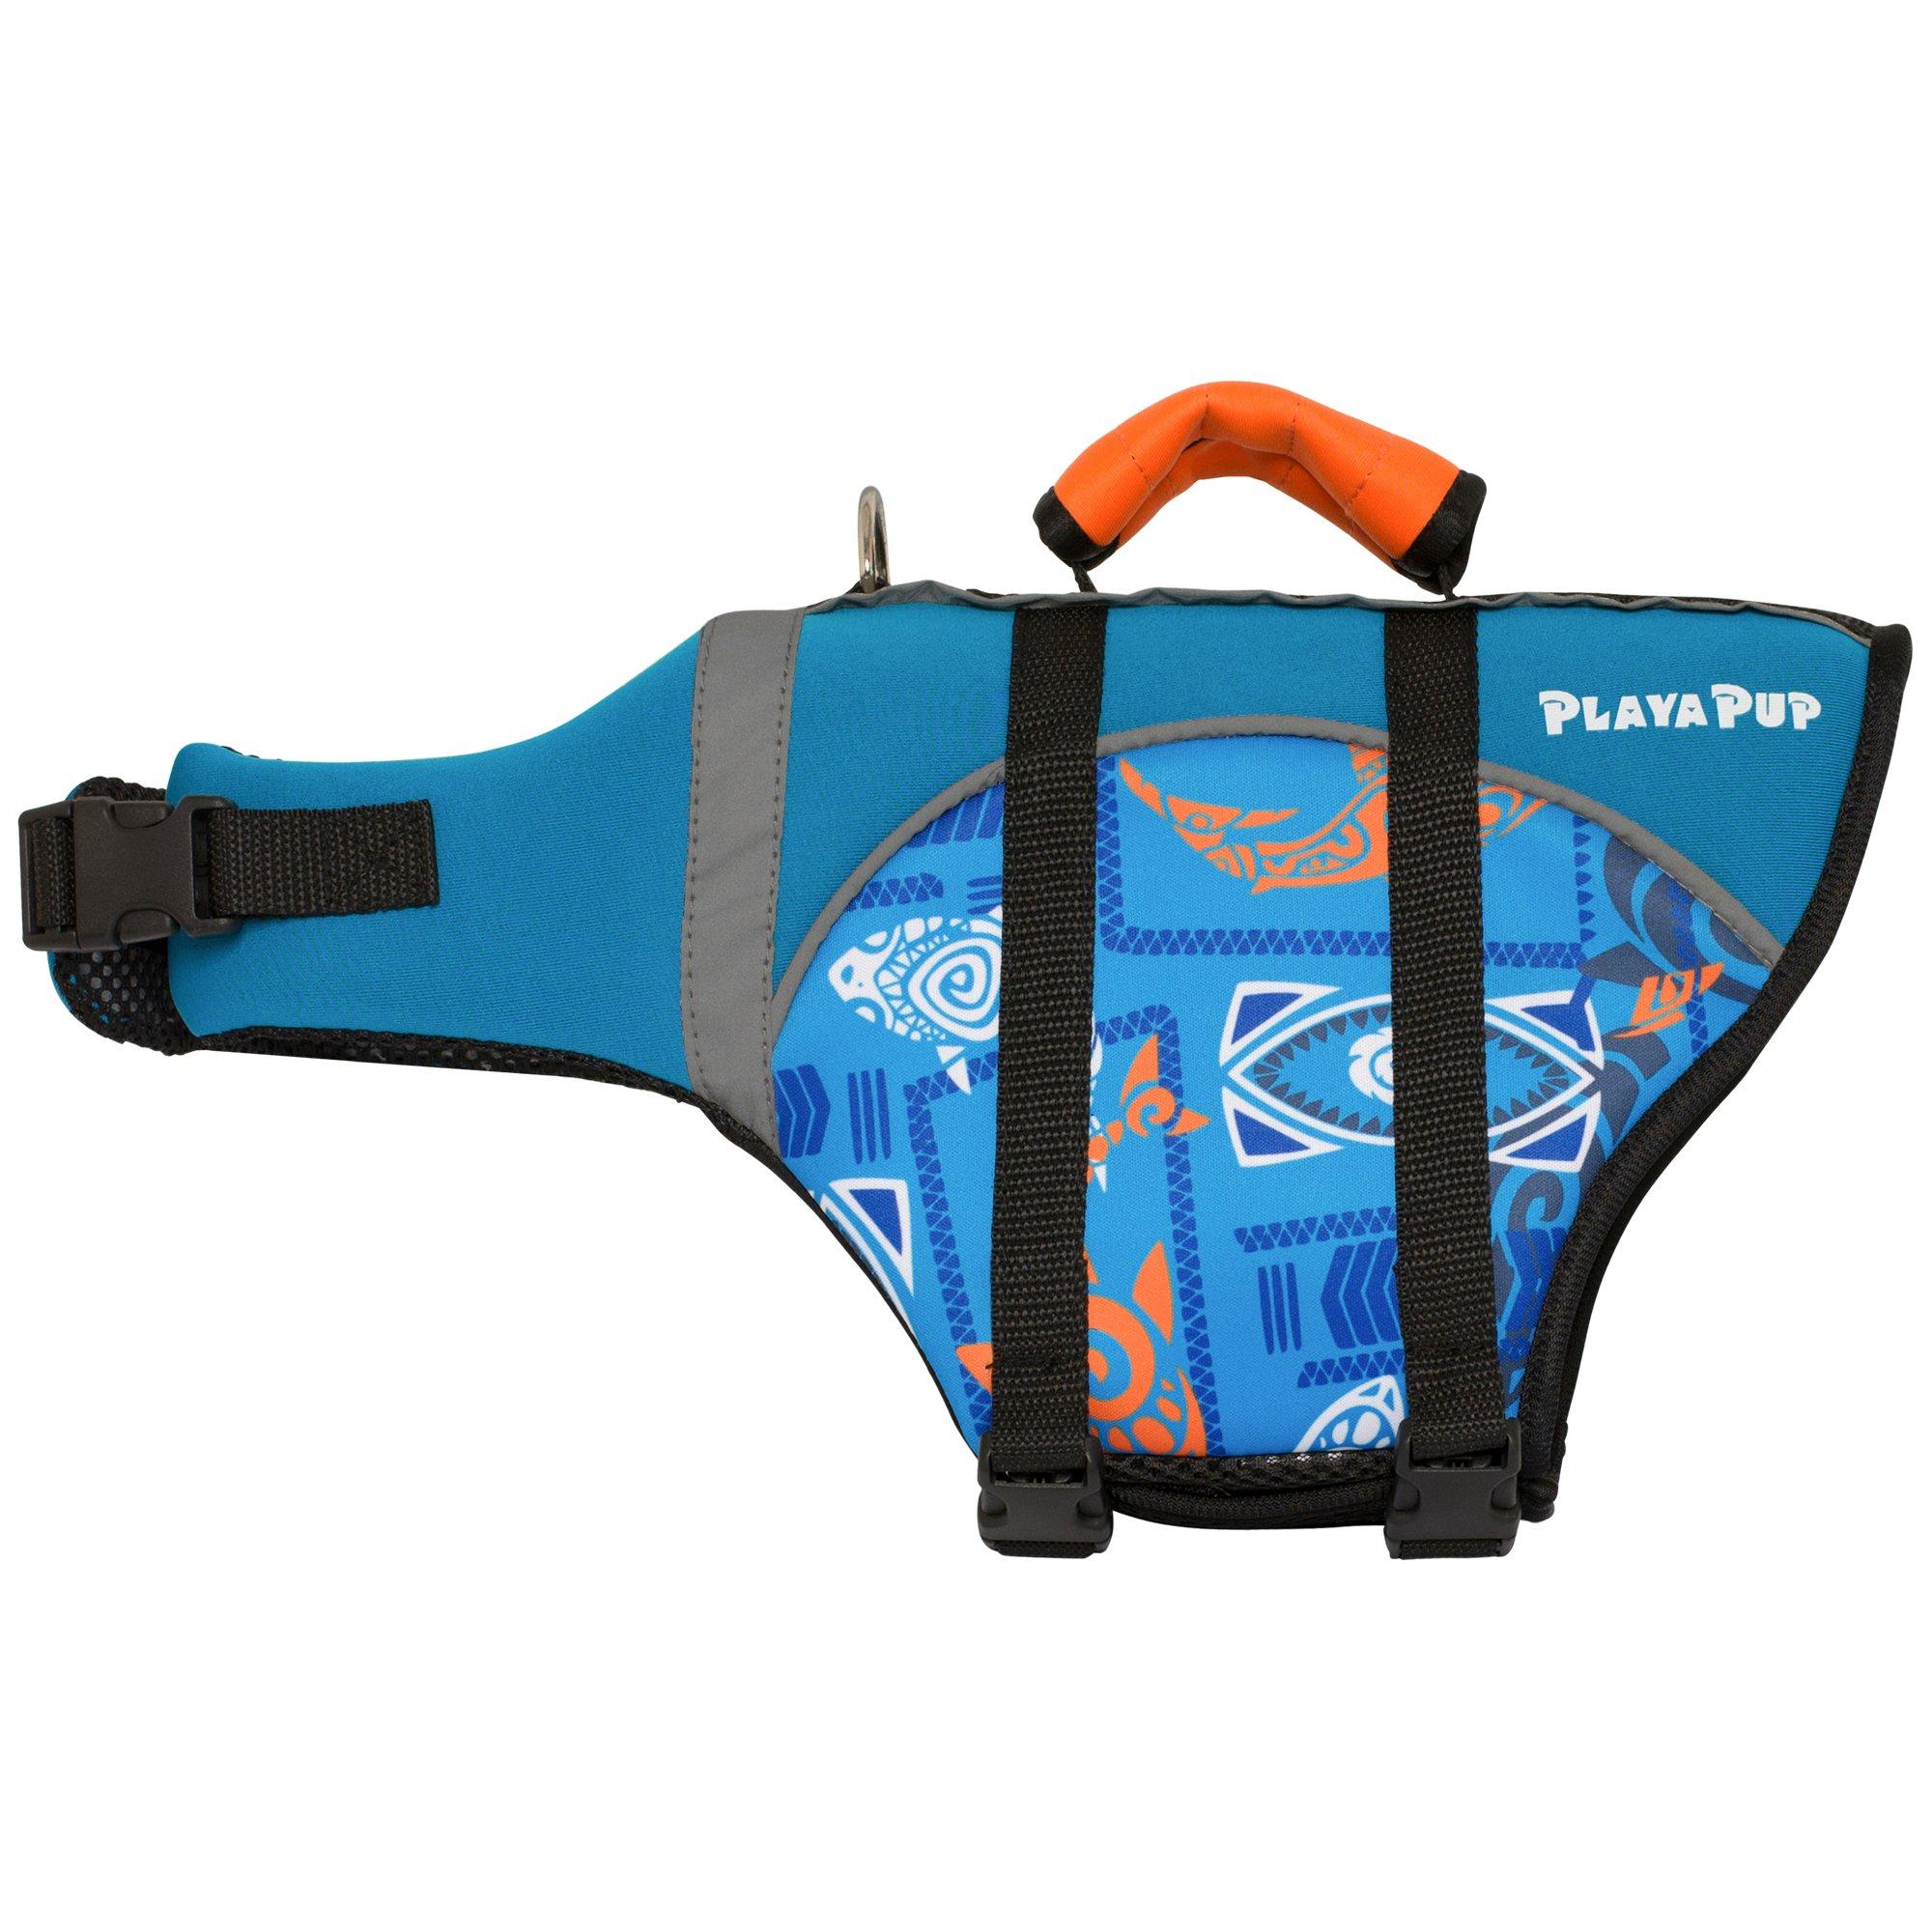 Image of Playa Pup Pet Flotation Vest Blue Shark, Large, Blue / Orange